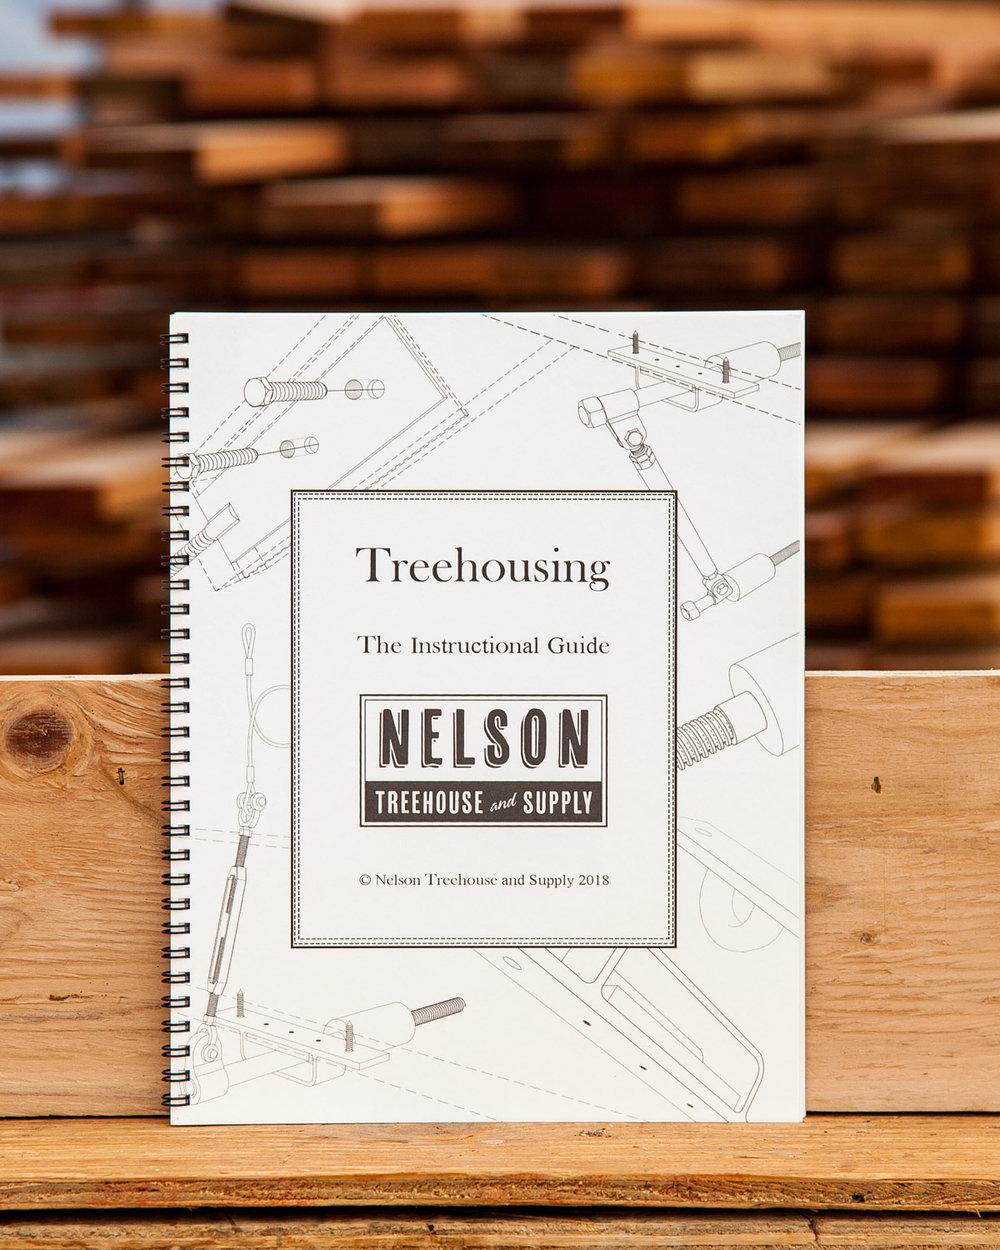 nelson-treehouse-instructional-guide-1.jpg